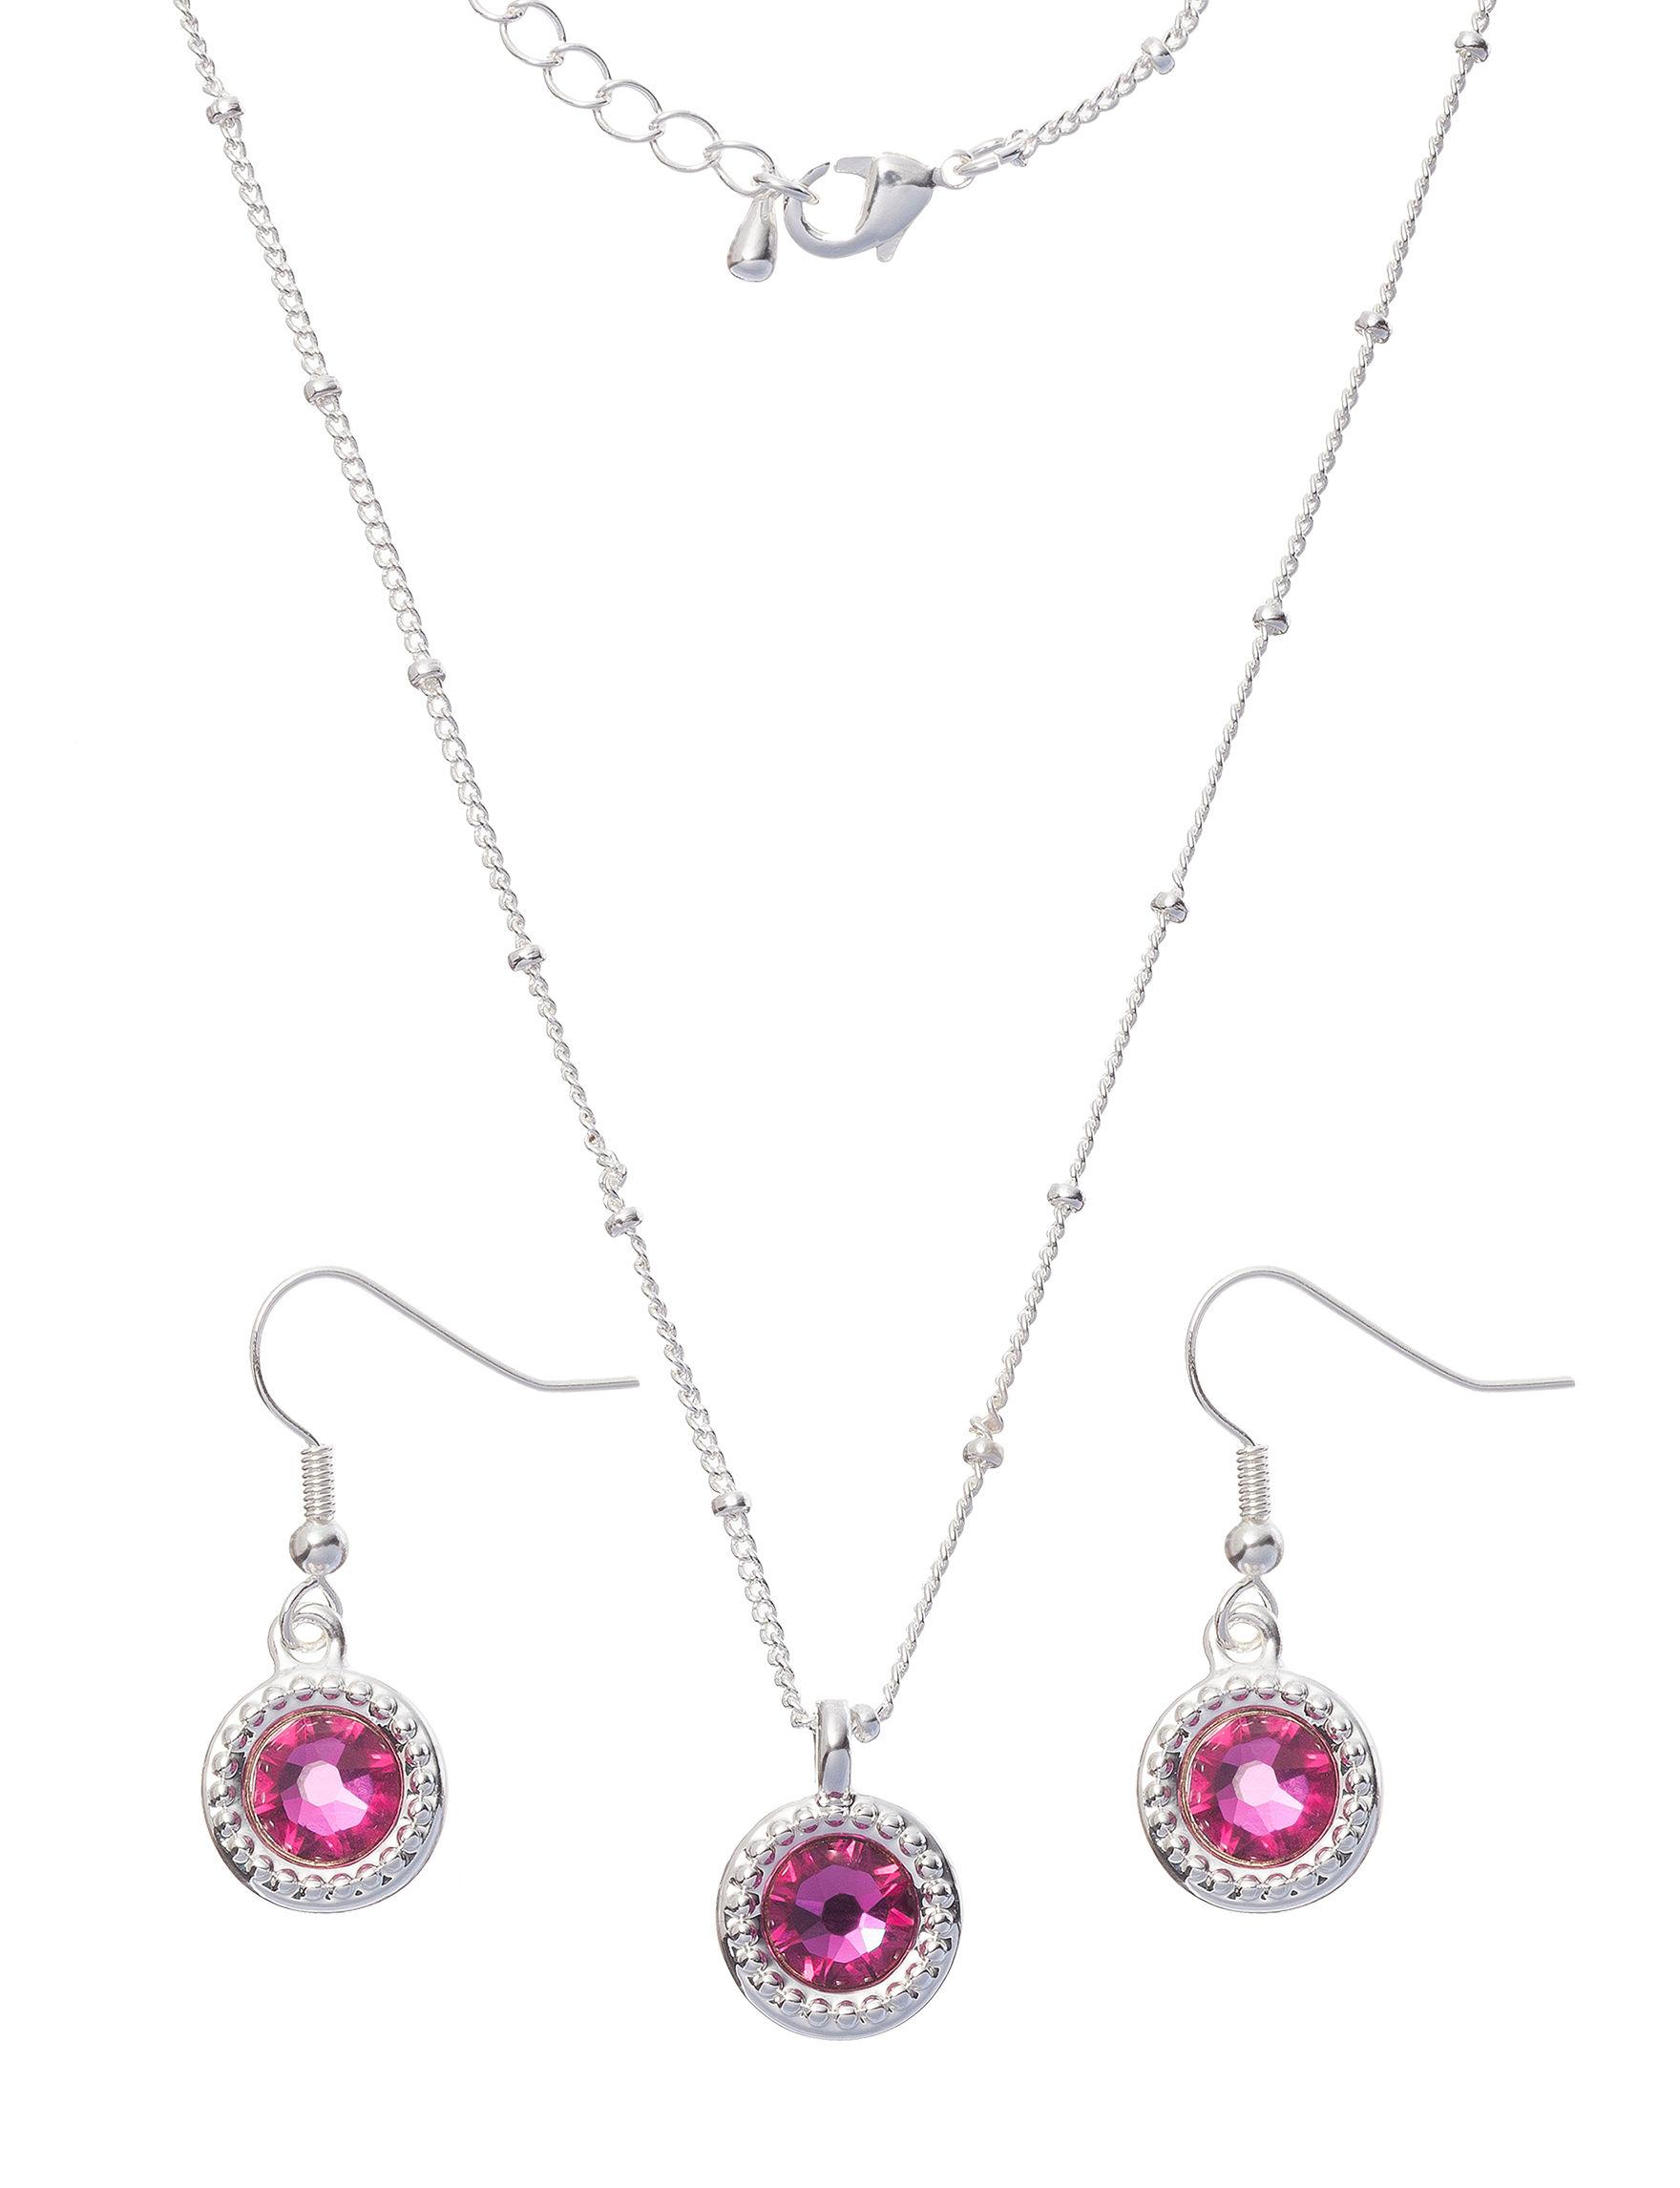 L & J Silver Earrings Necklaces & Pendants Fine Jewelry